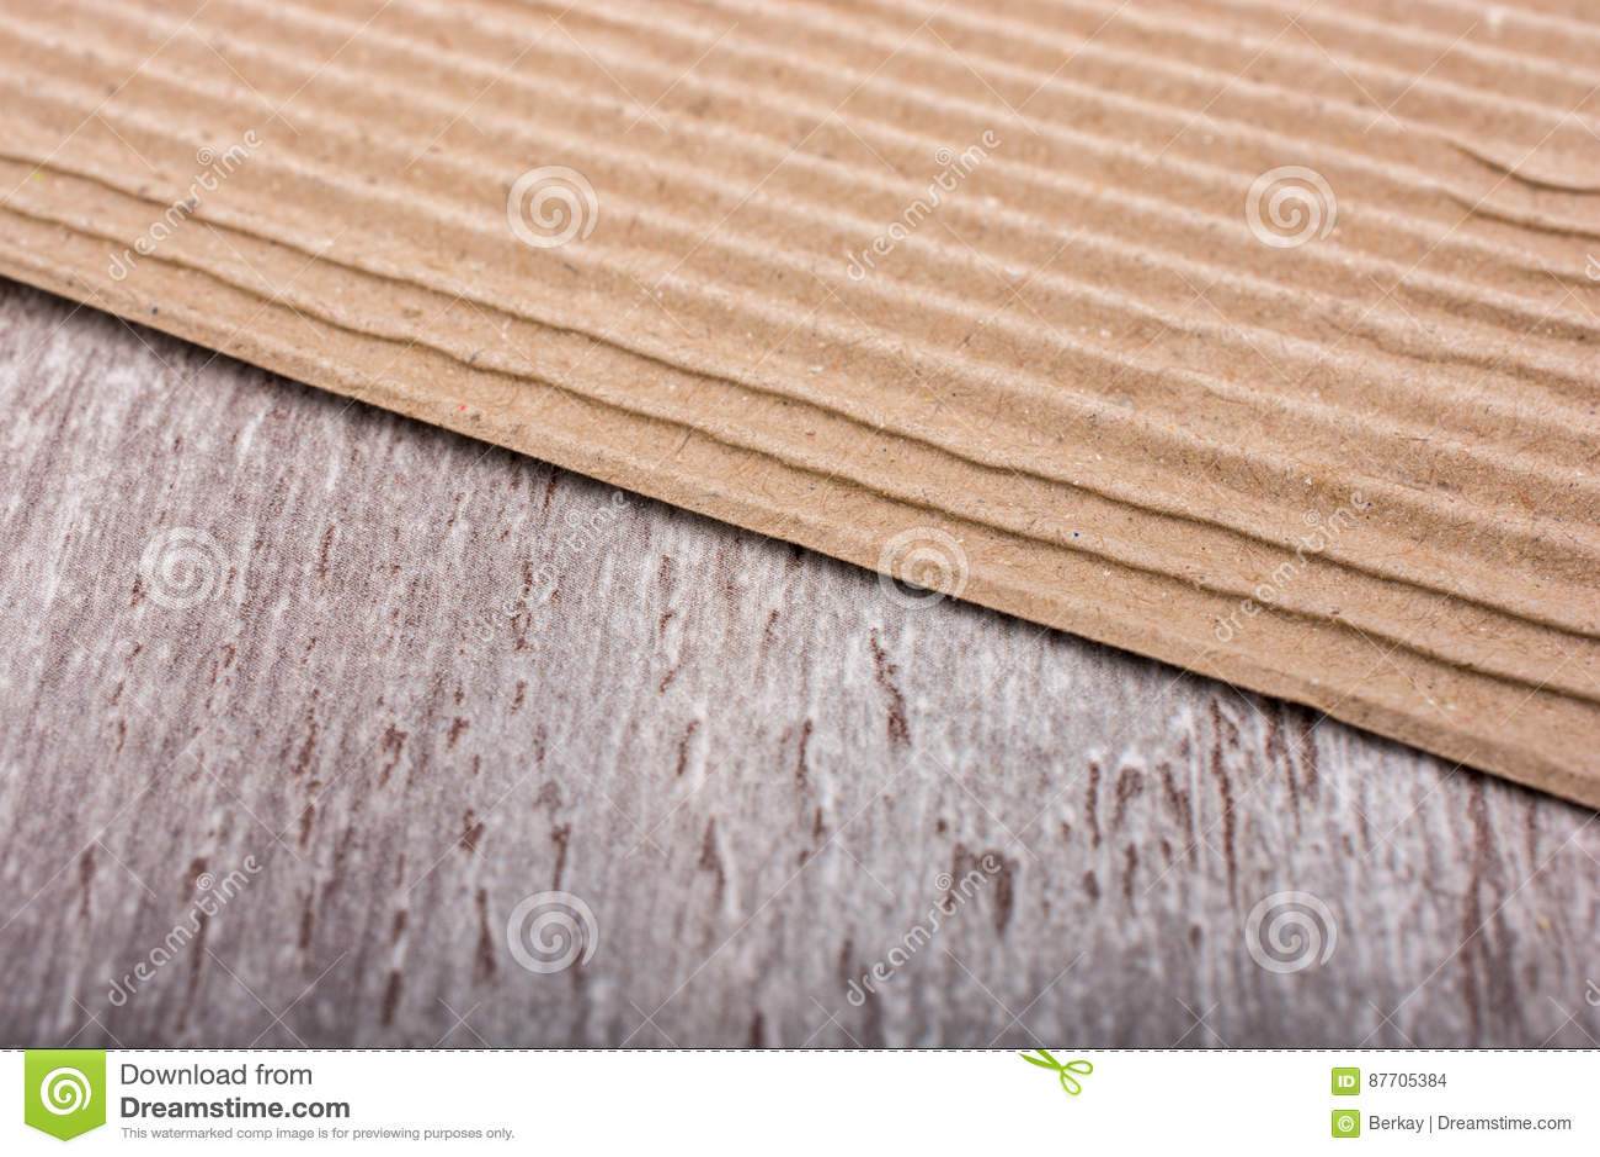 Texture de carton ondulé en tant que fond industriel